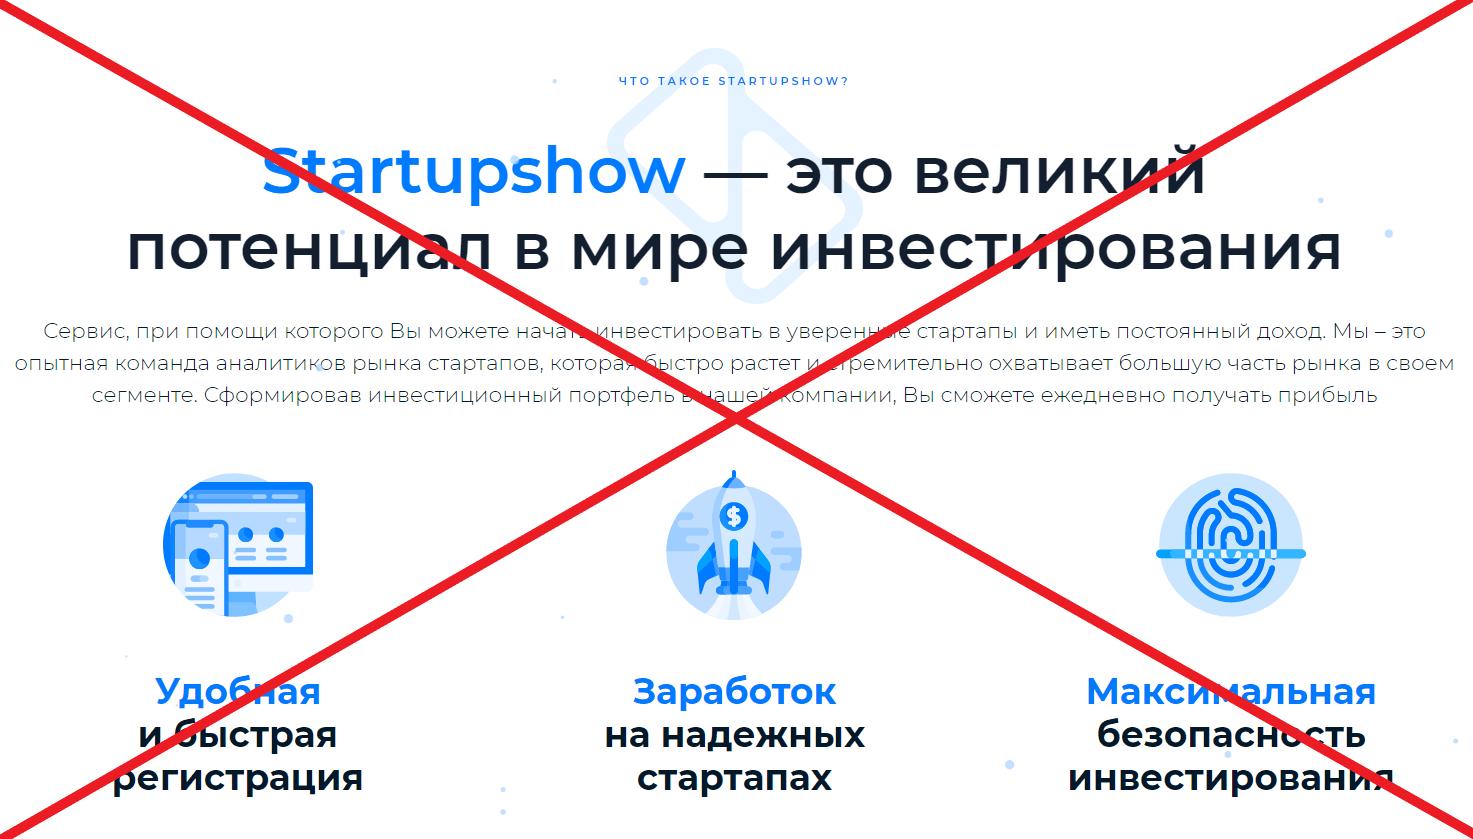 Startupshow - реальные отзывы и репутация startupshow.ltd